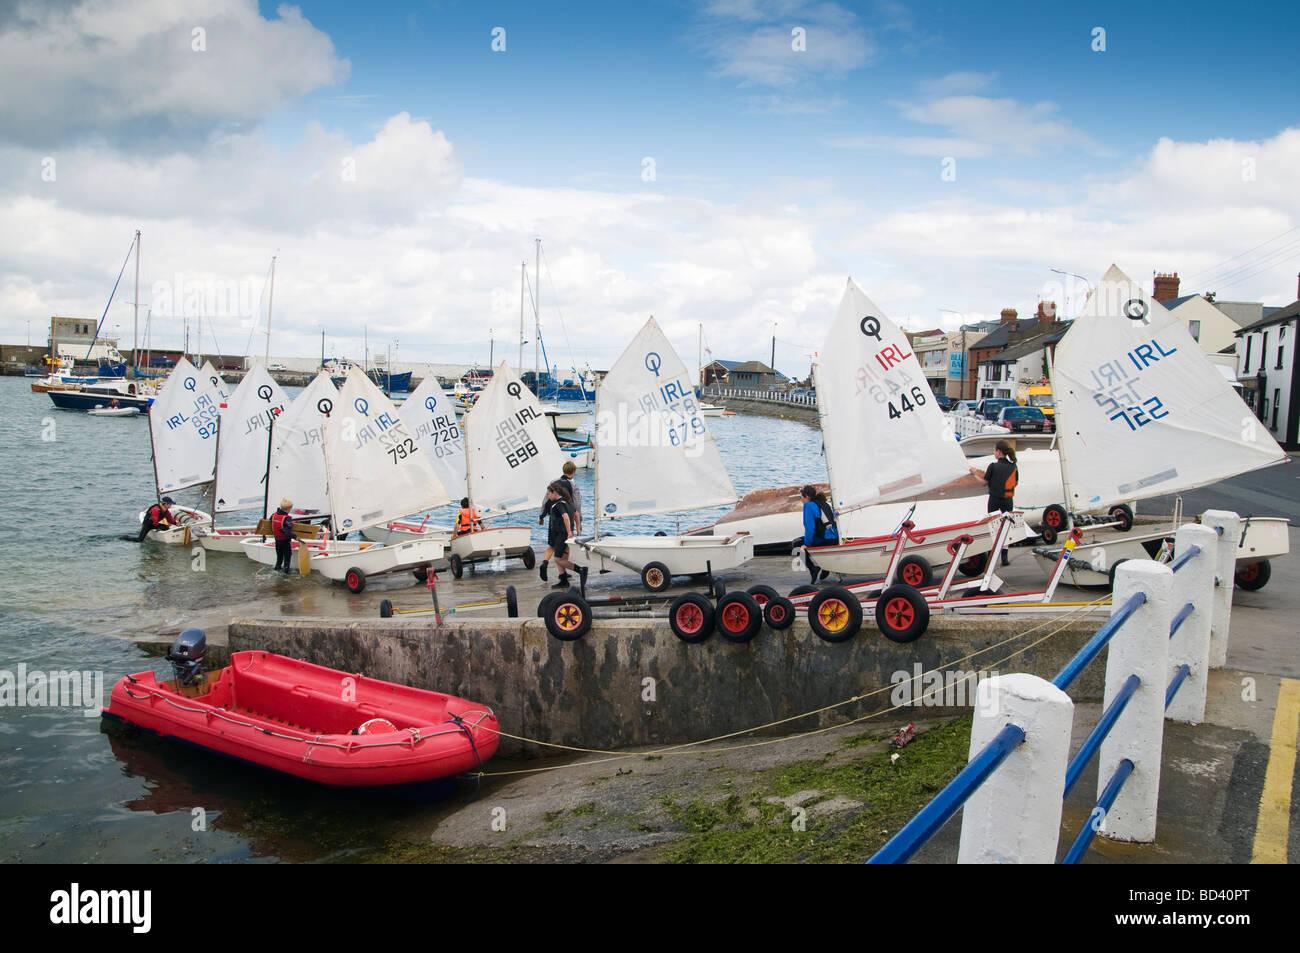 Kinder starten ihre Optimist Segeljollen an der Slipanlage in Skerries Hafen North County Dublin Irland Stockbild